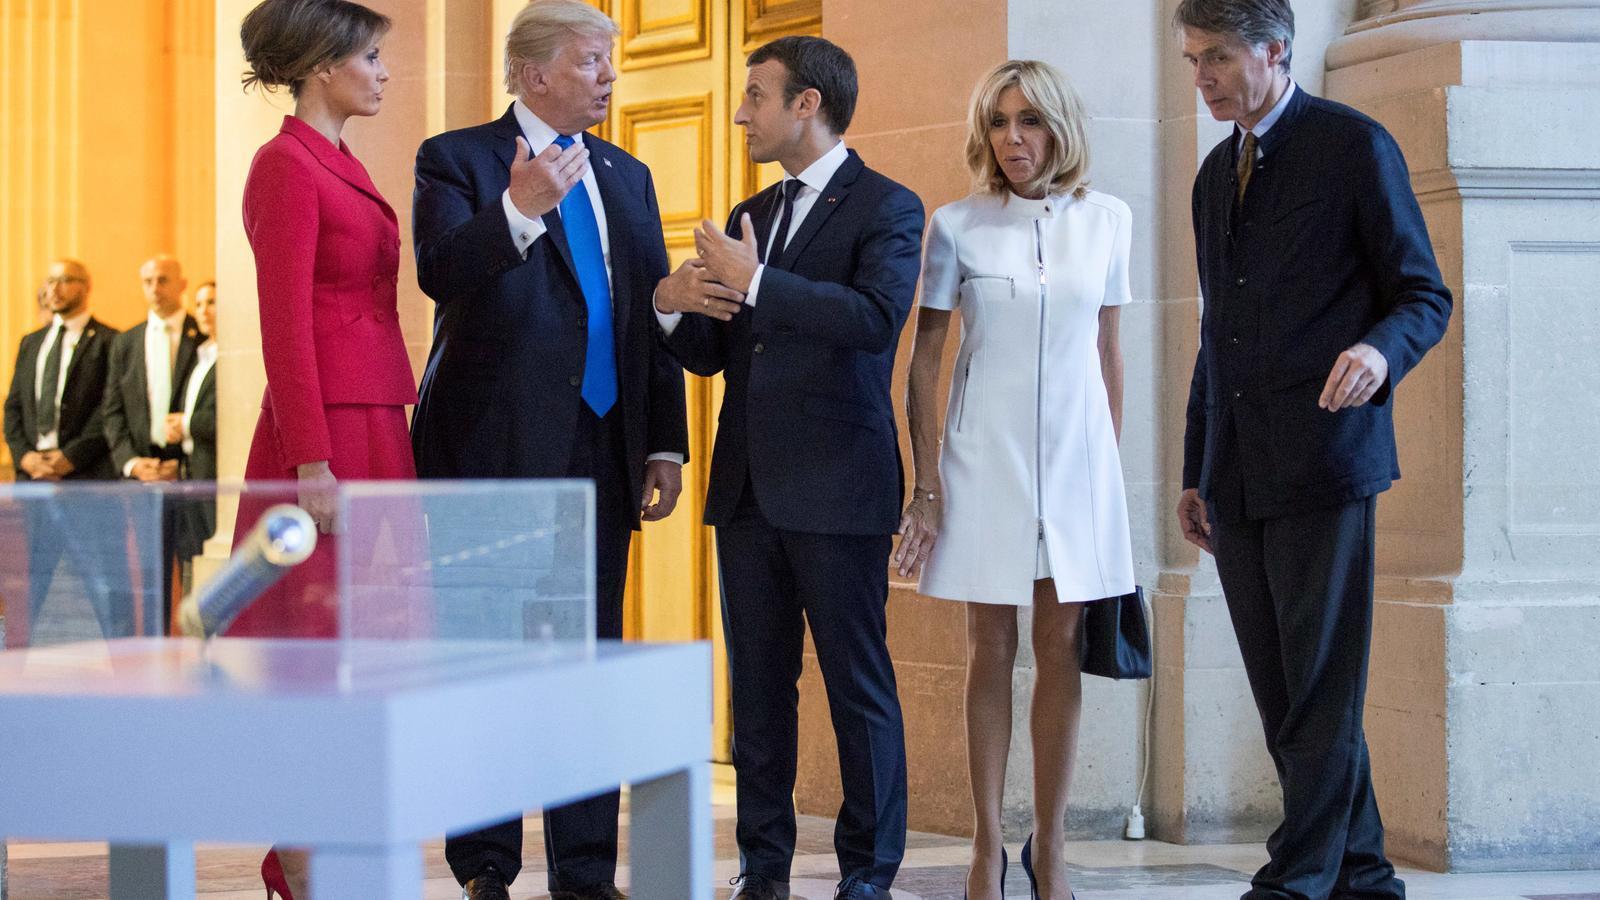 Els Trump i els Macron dijous a la recepció a París.